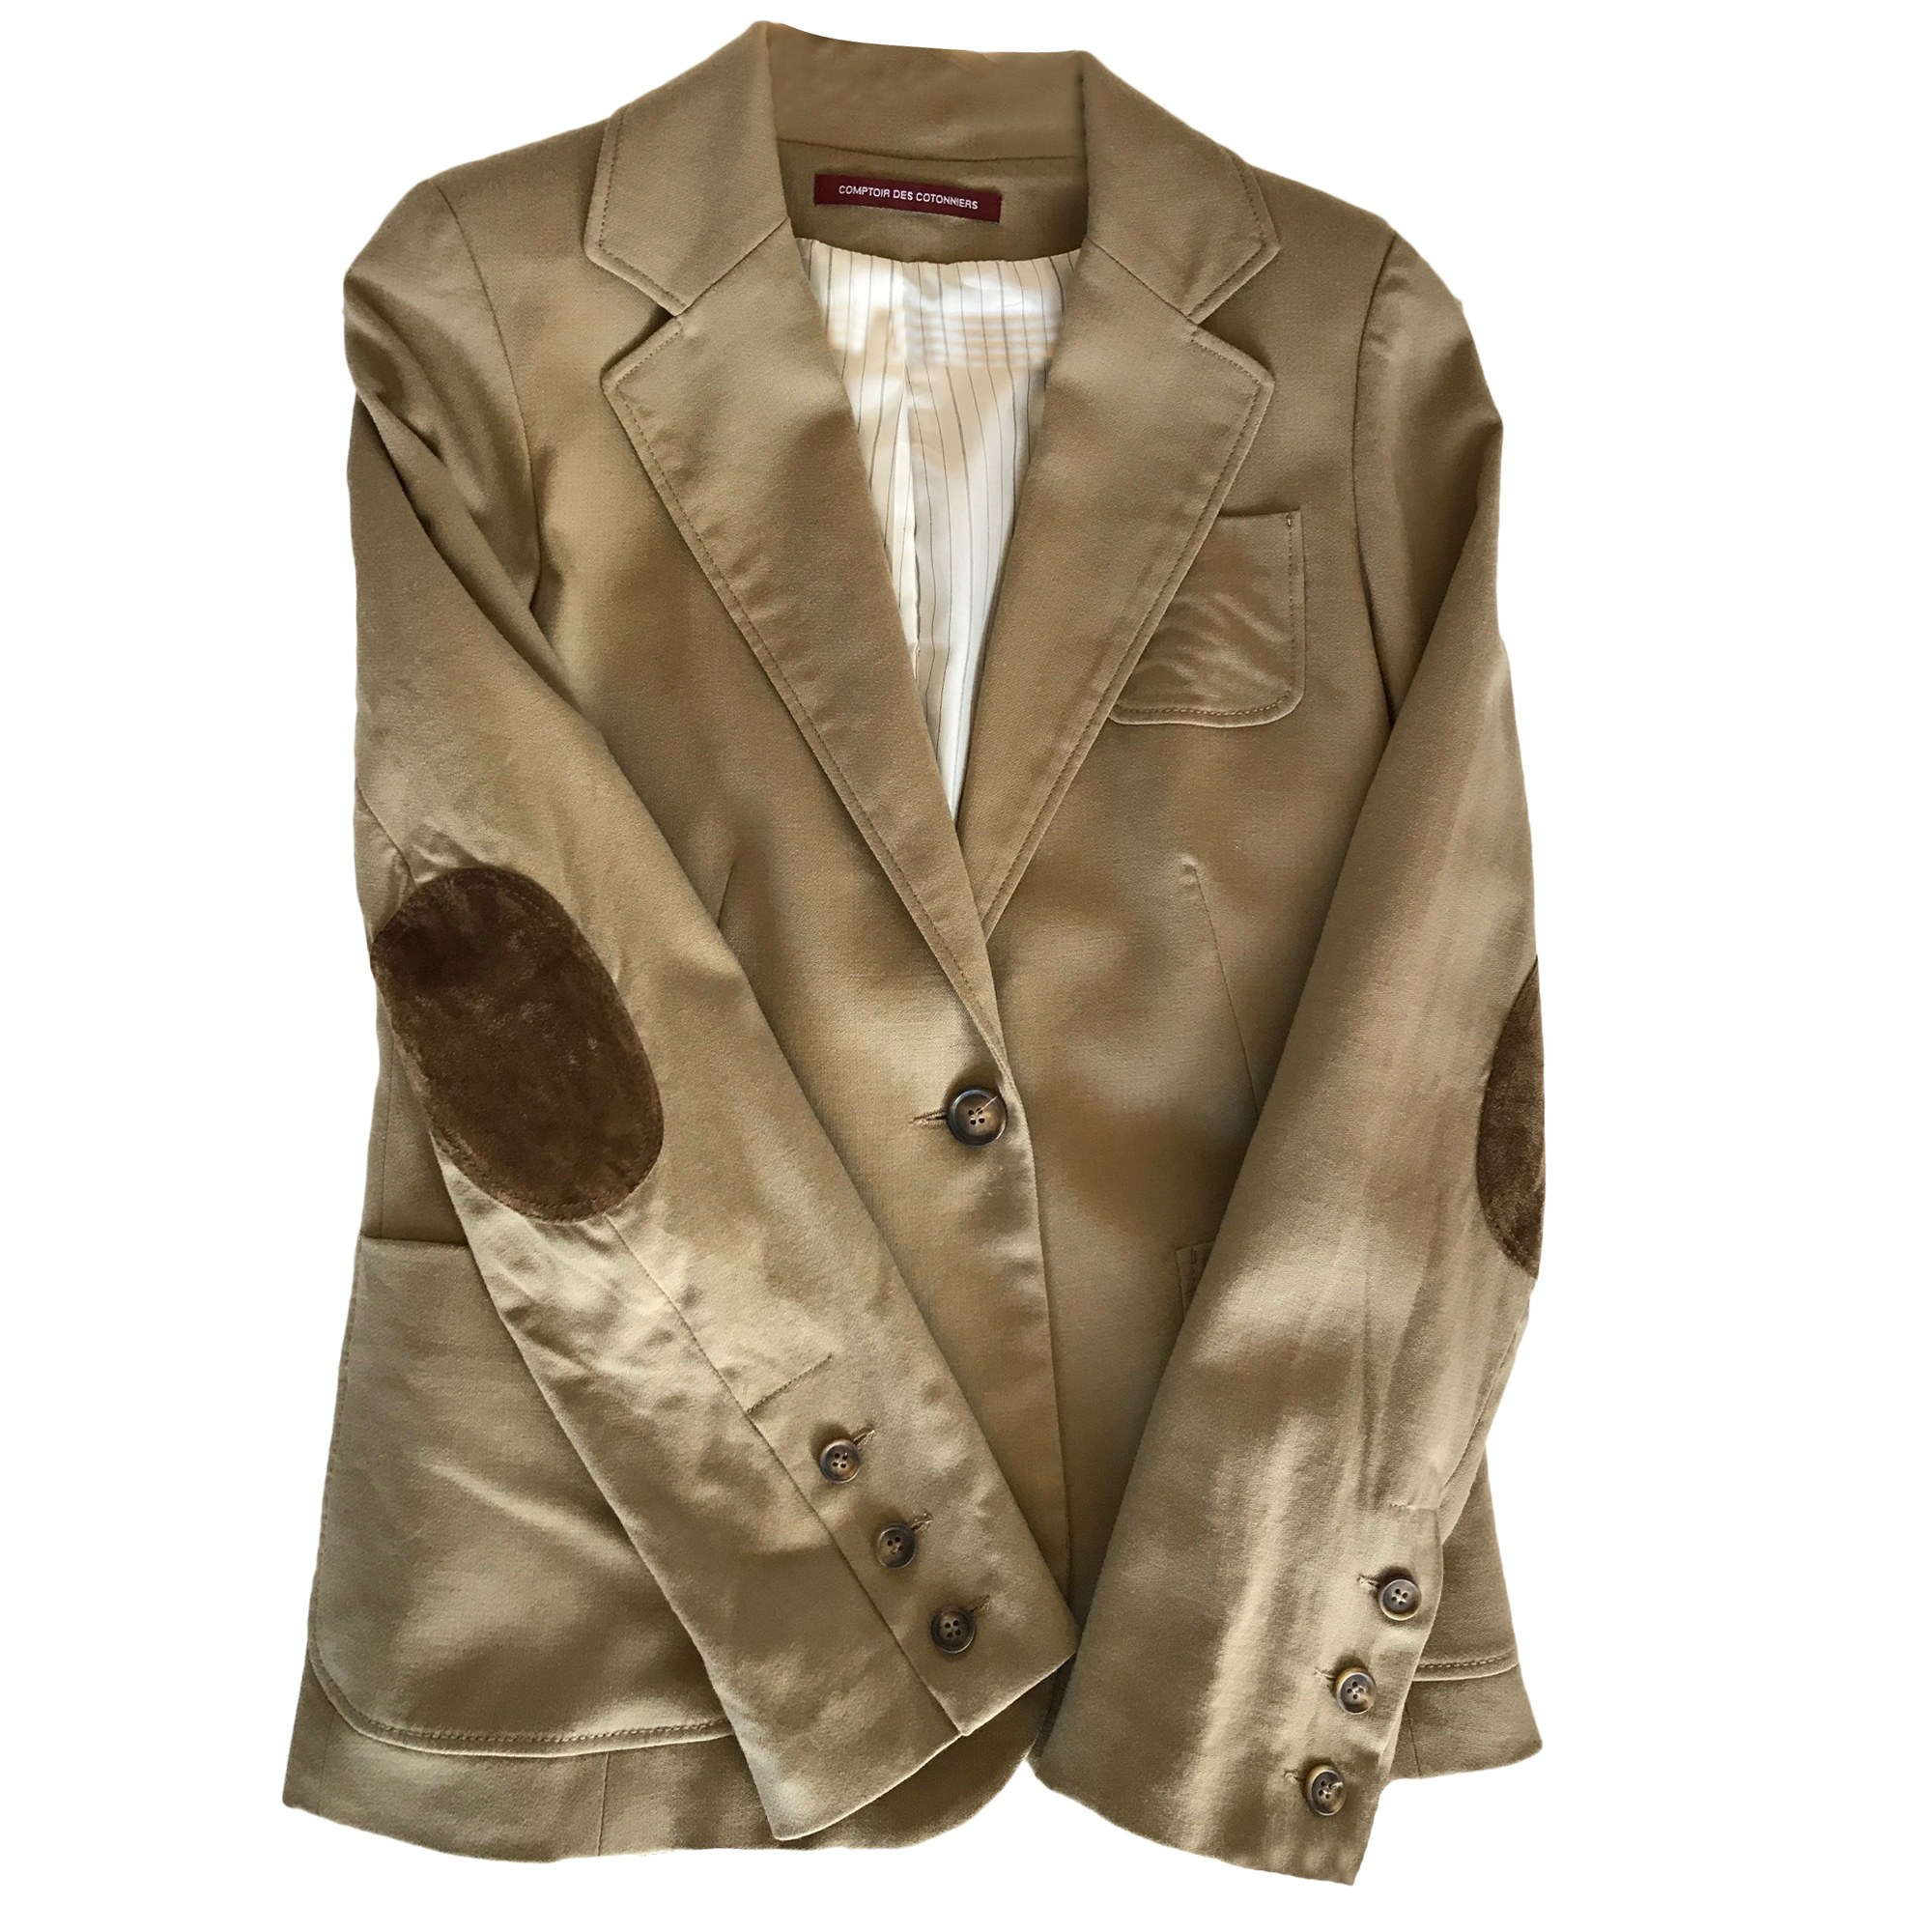 Blazer veste tailleur comptoir des cotonniers 36 s t1 - Comptoir des cotonniers ch ...